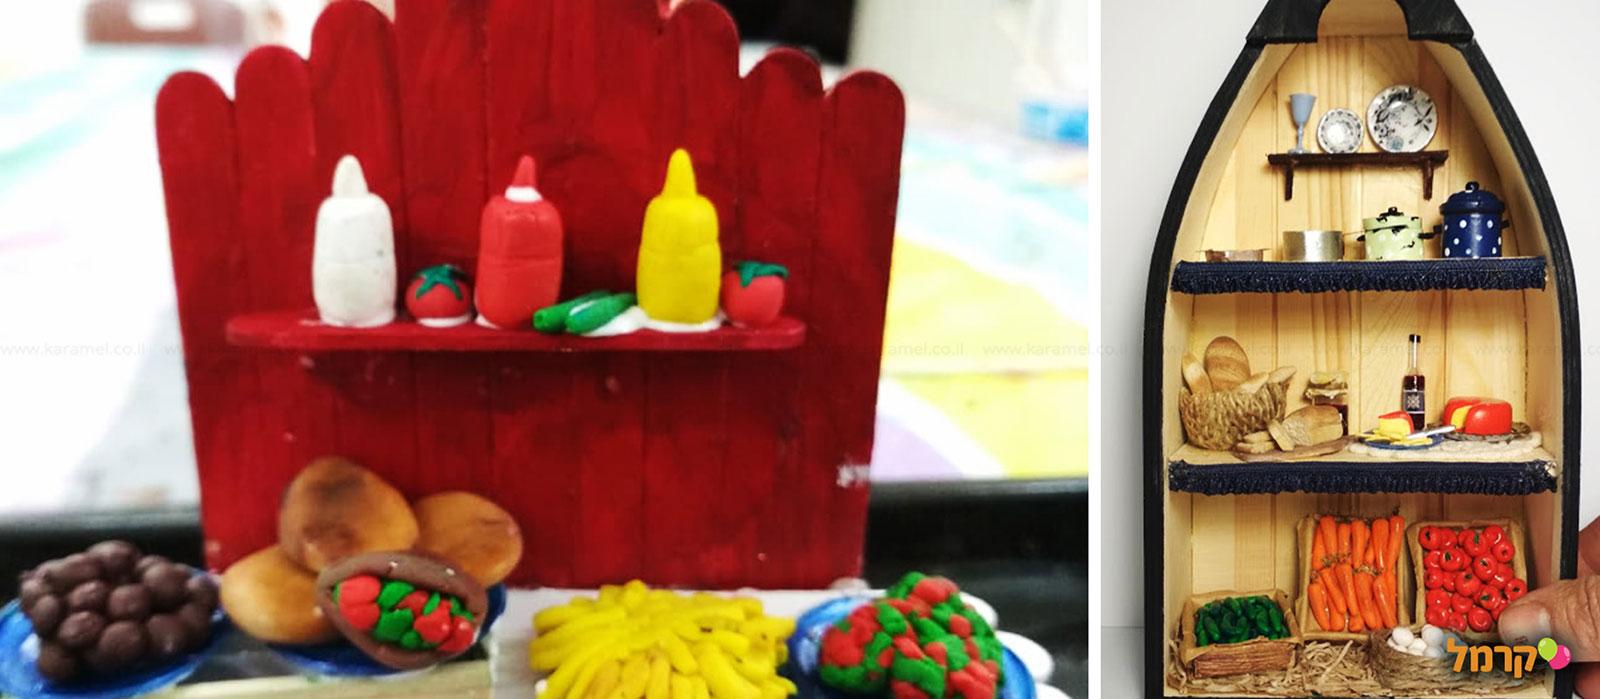 חדרים קטנים אמנים גדולים - 073-7587950